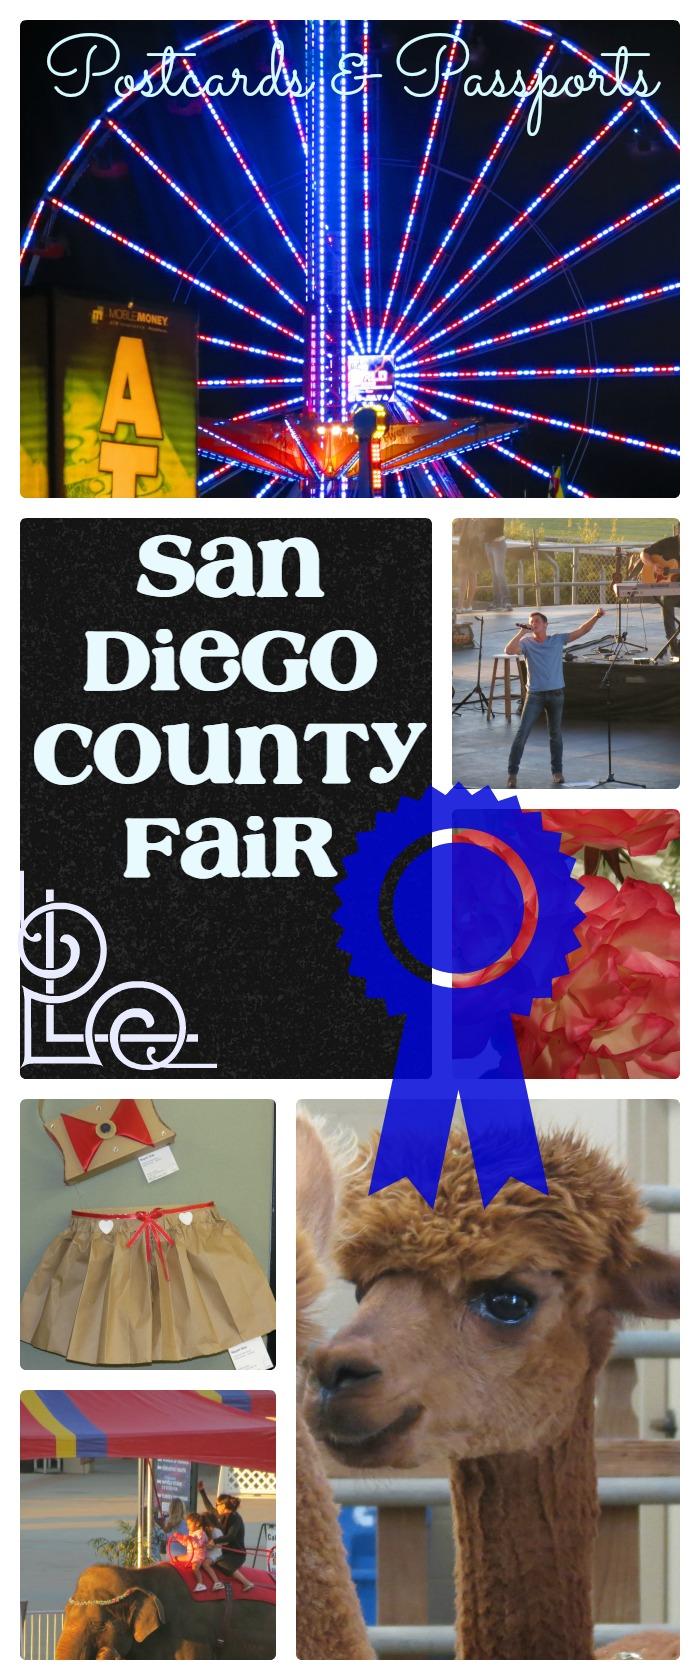 SD County Fair2